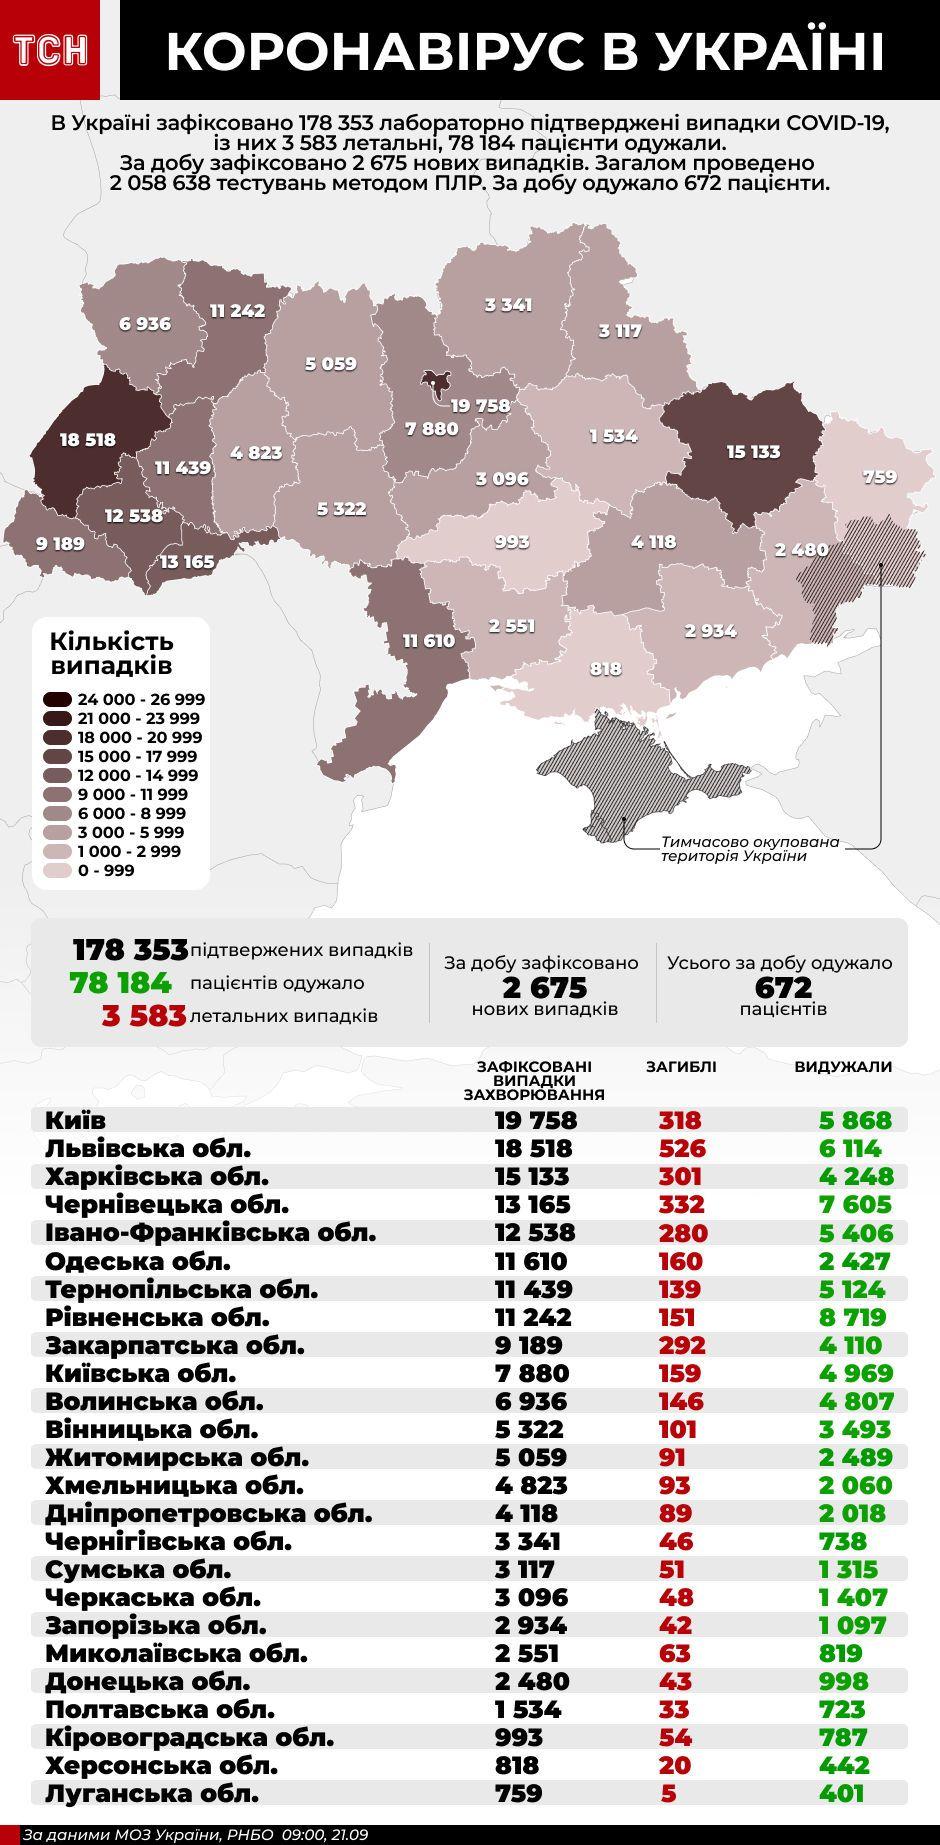 коронавірус інфографіка 21 вересня